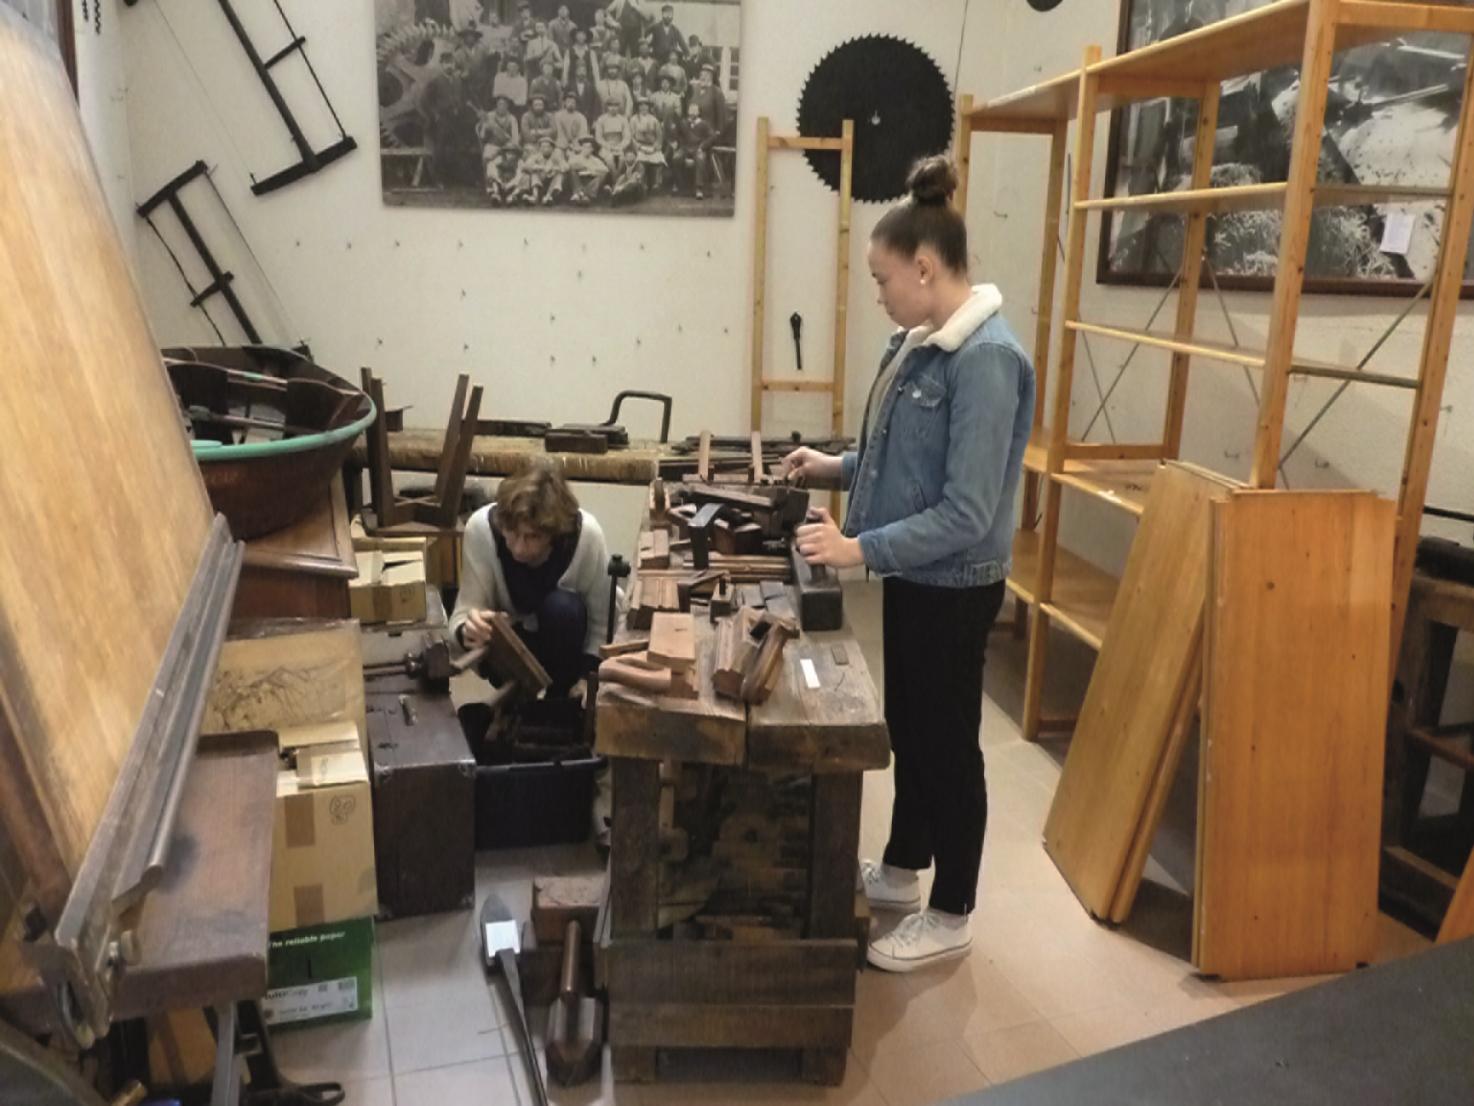 Travail de réorganisation des réserves de l'écomusée des Forges, à Inzinzac-Lochrist